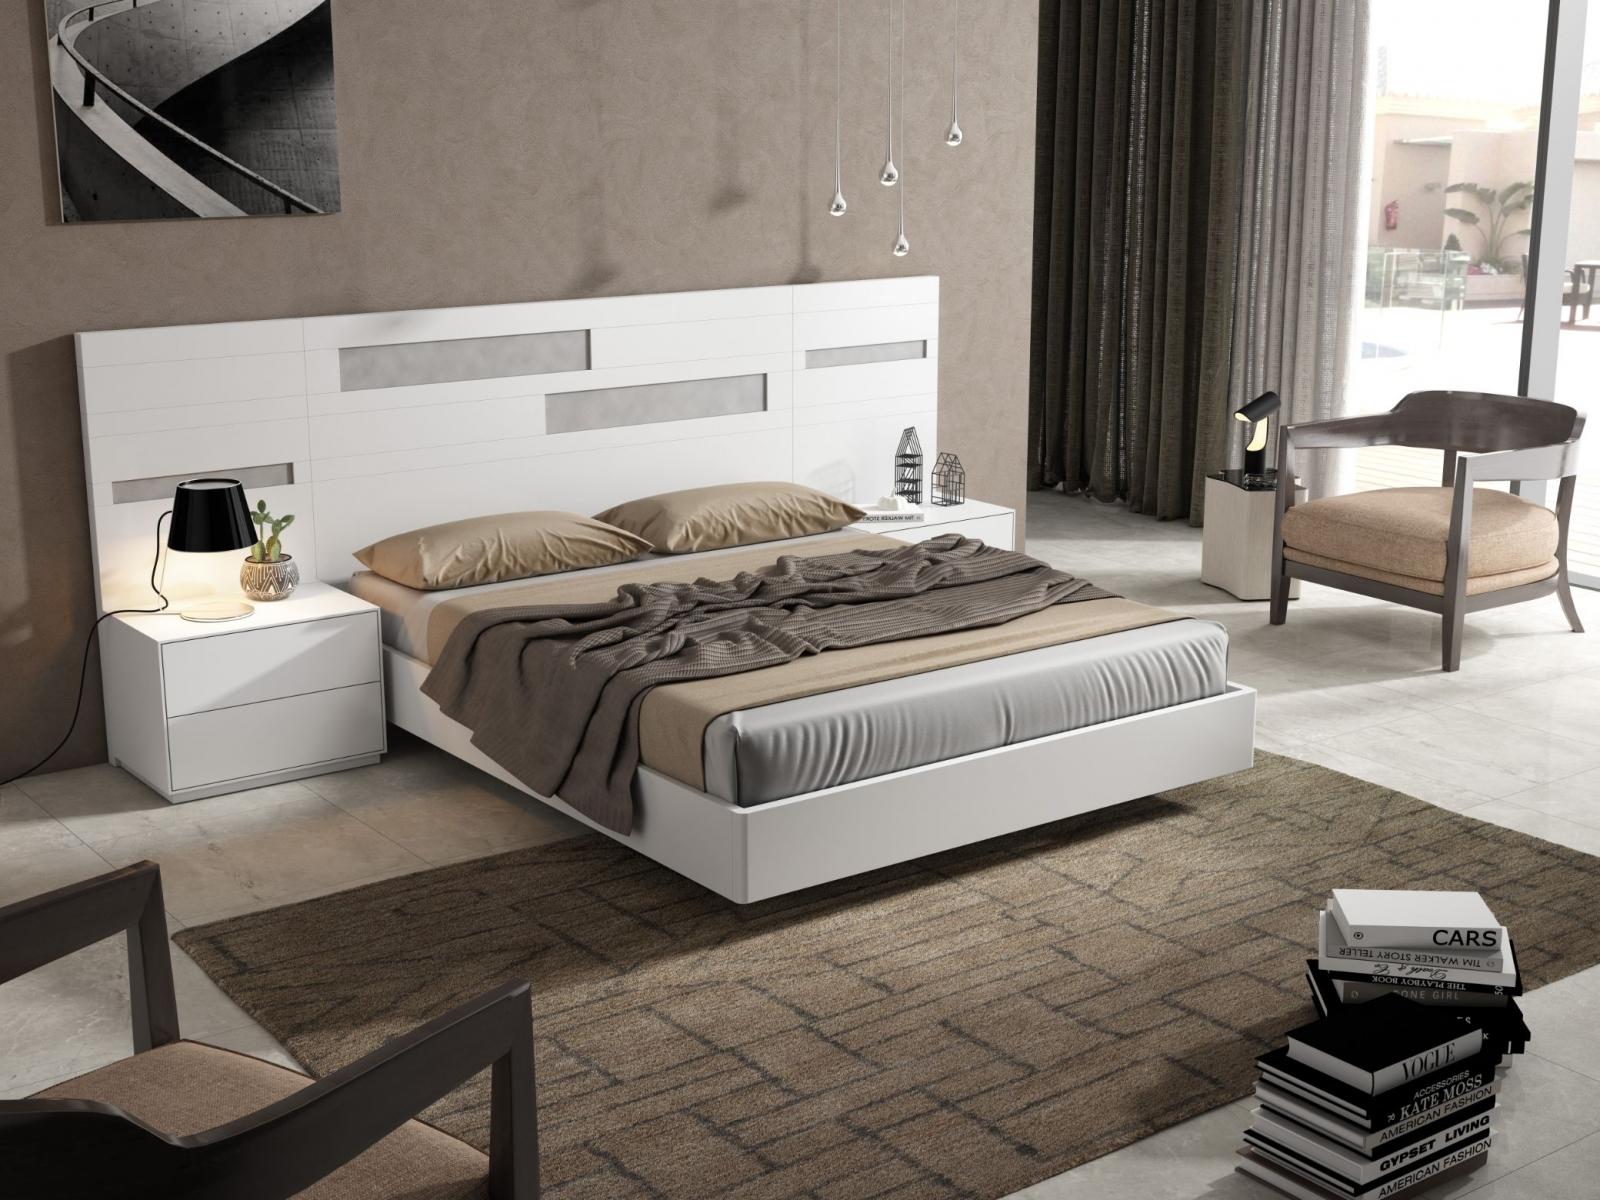 Conjunto de Dormitorio DANCE-6 - Conjunto de Dormitorio DANCE-6